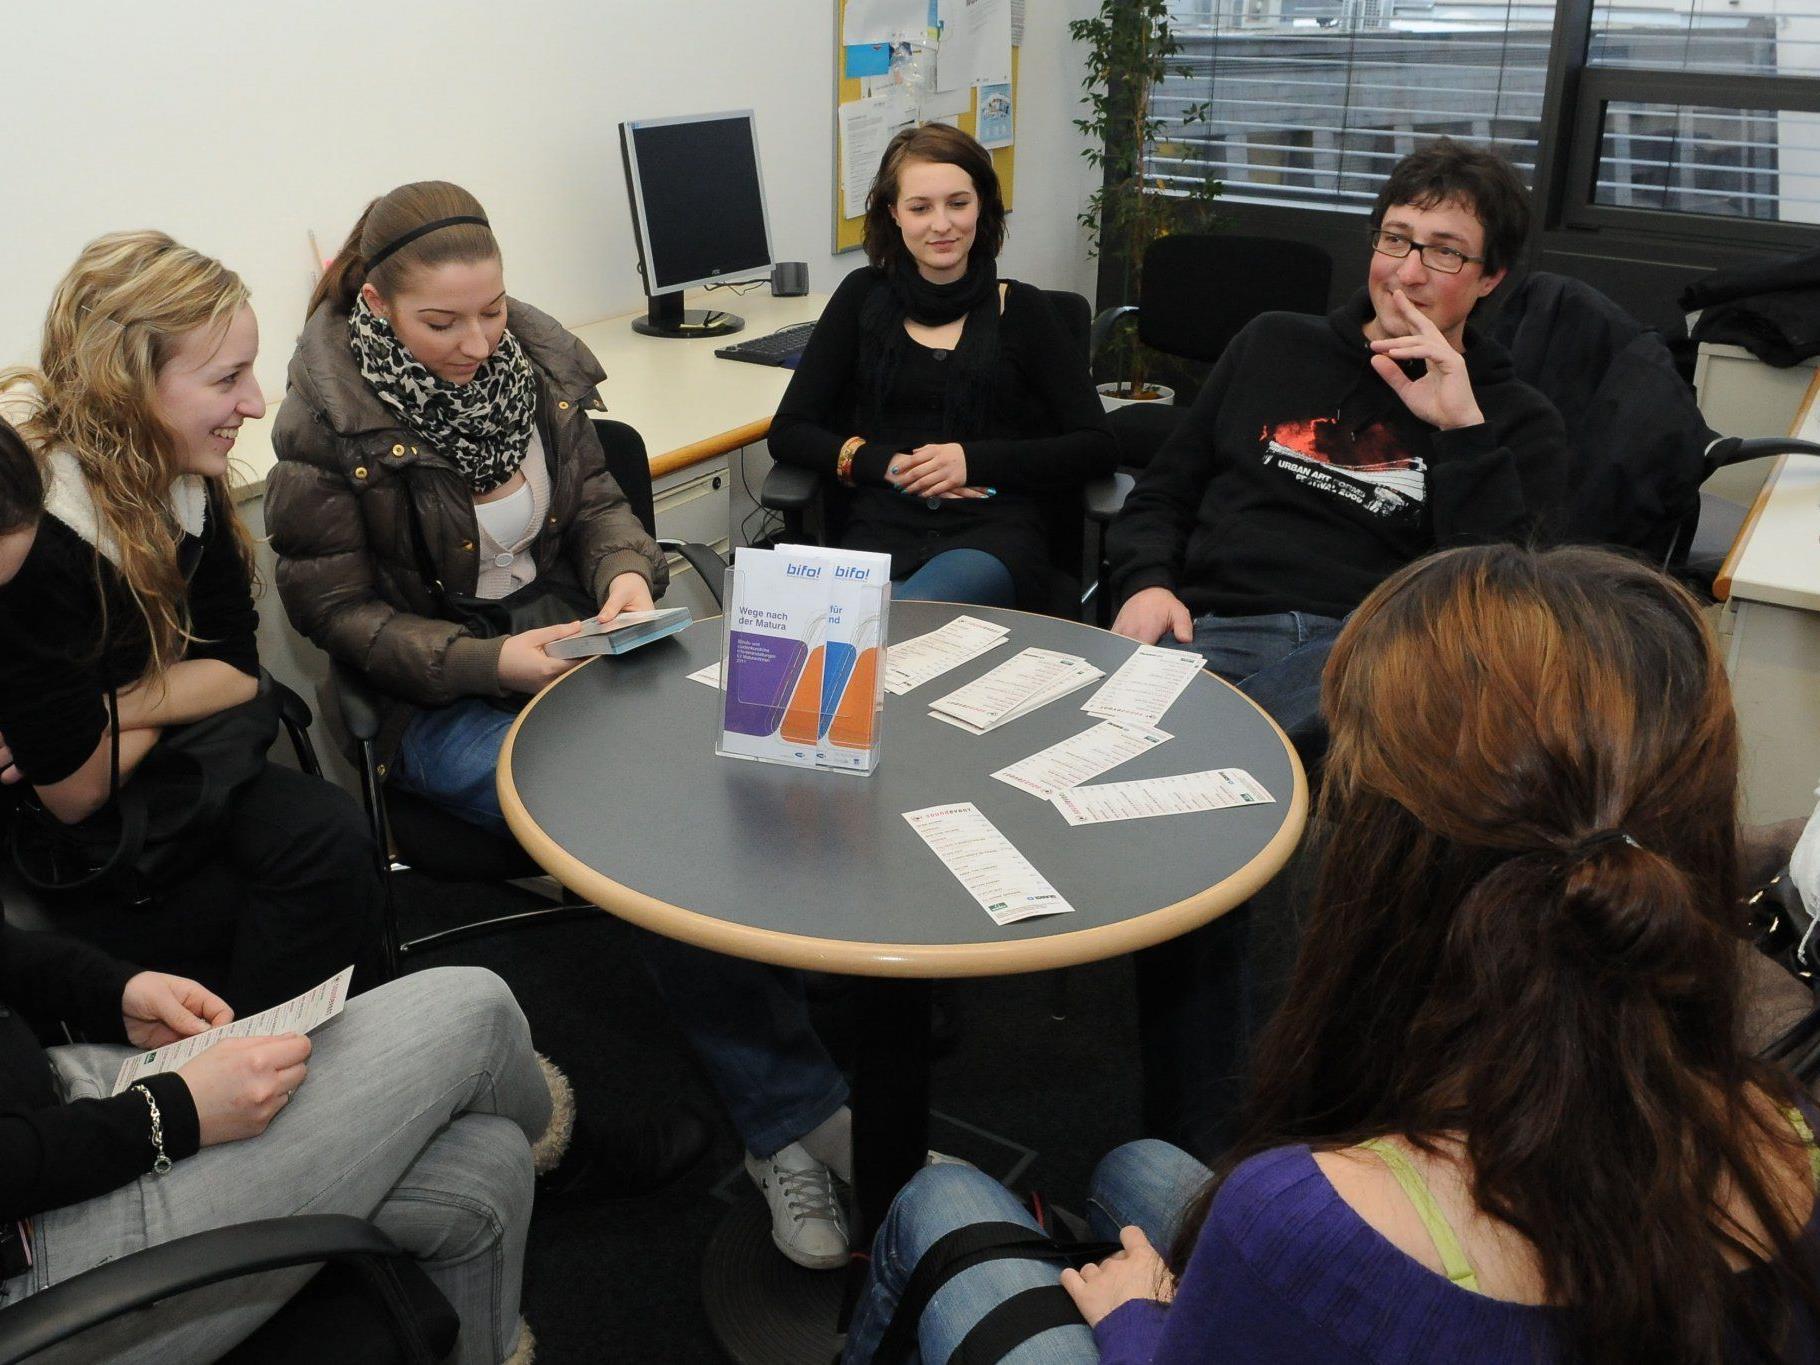 Eventmanager Hannes Hagen gibt sein Wissen an Interessierte weiter